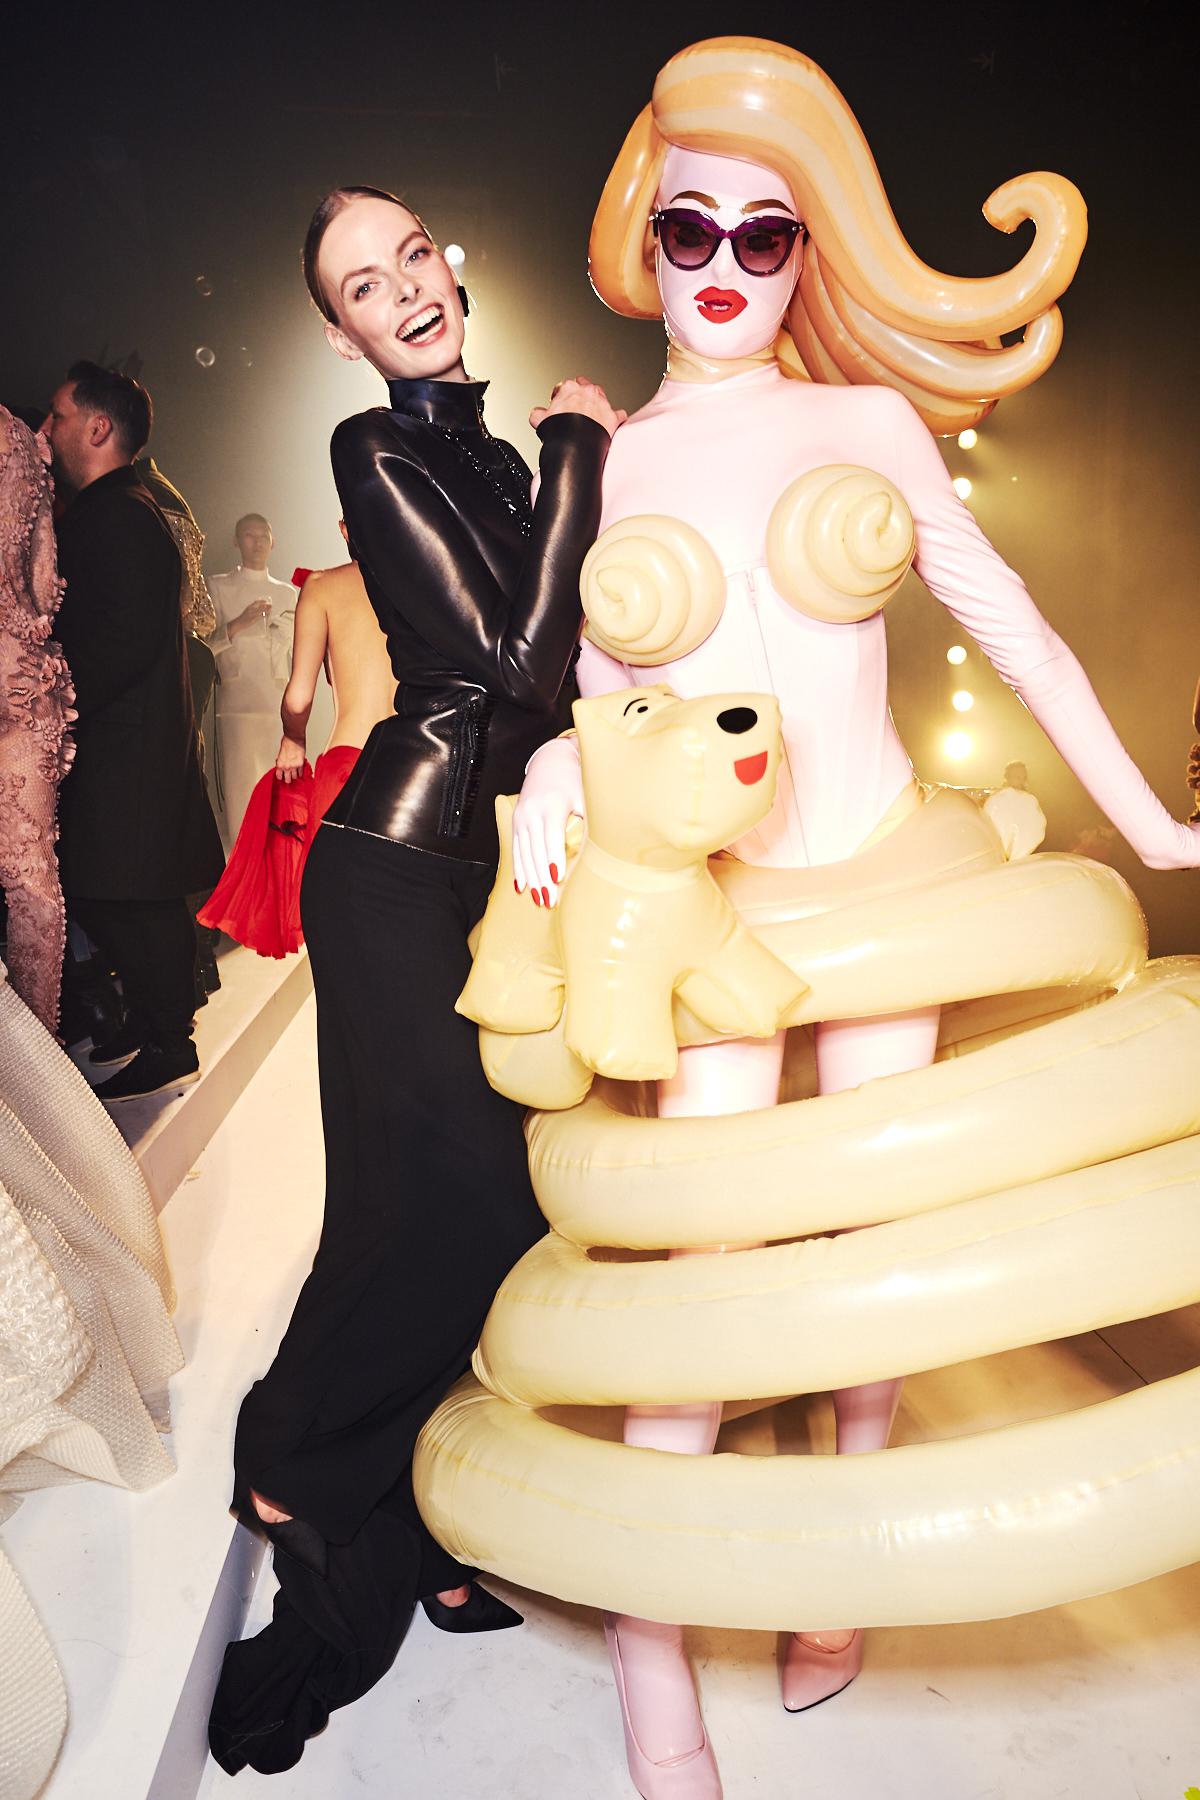 Jean Paul Gaultier SS20 Haute Couture + Retrospective Extravaganza Fashion Show Paris Backstage